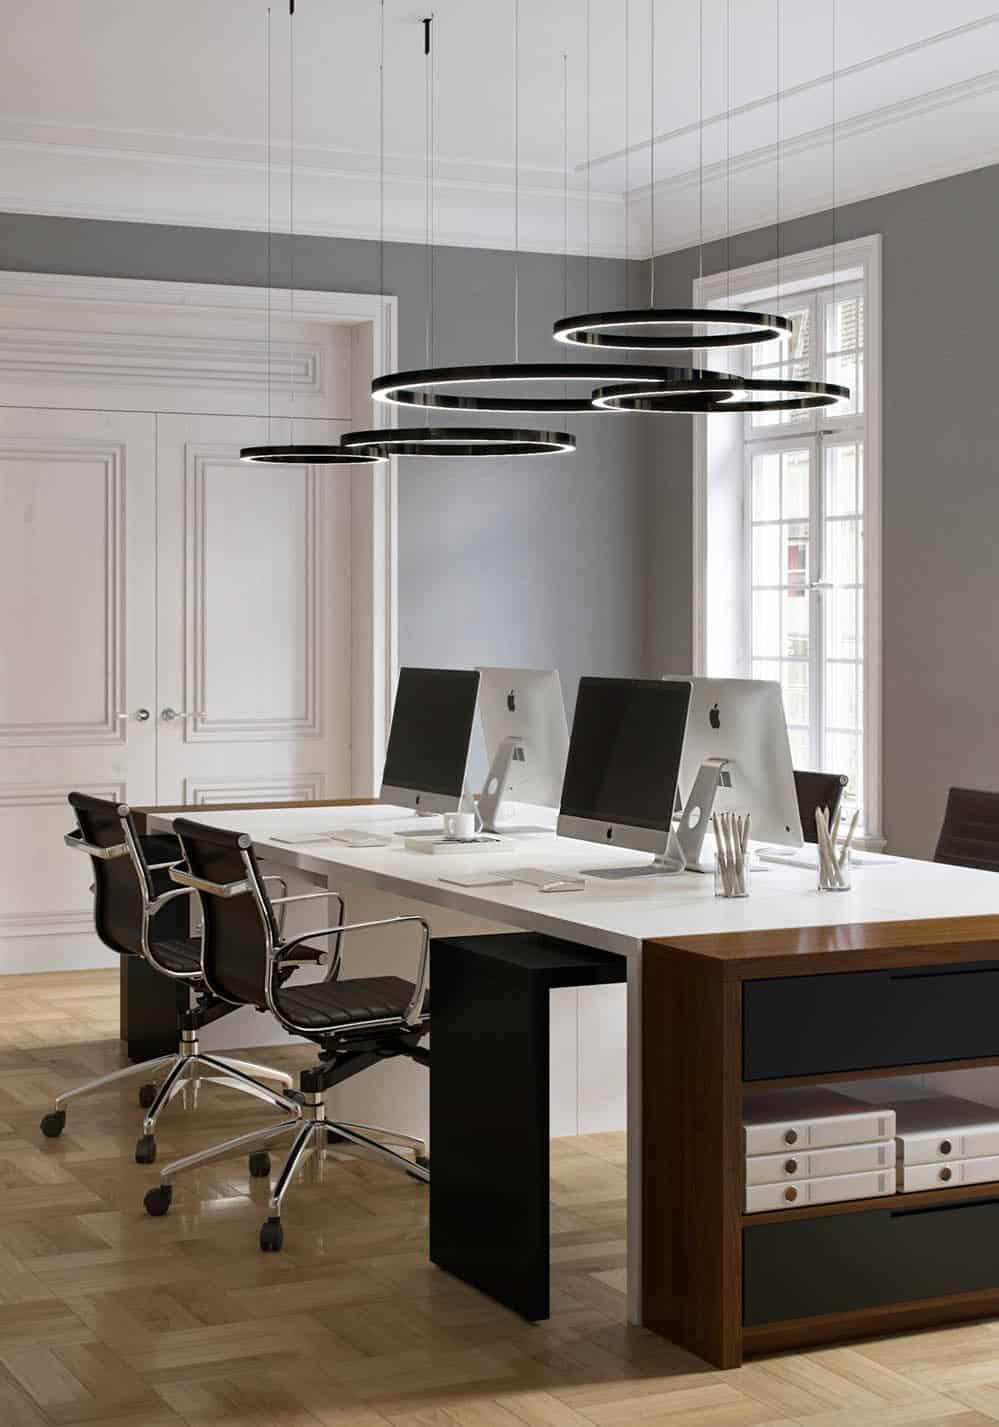 Thiết kế phòng làm việc nhỏ nhưng rất tiện nghi và hiện đại